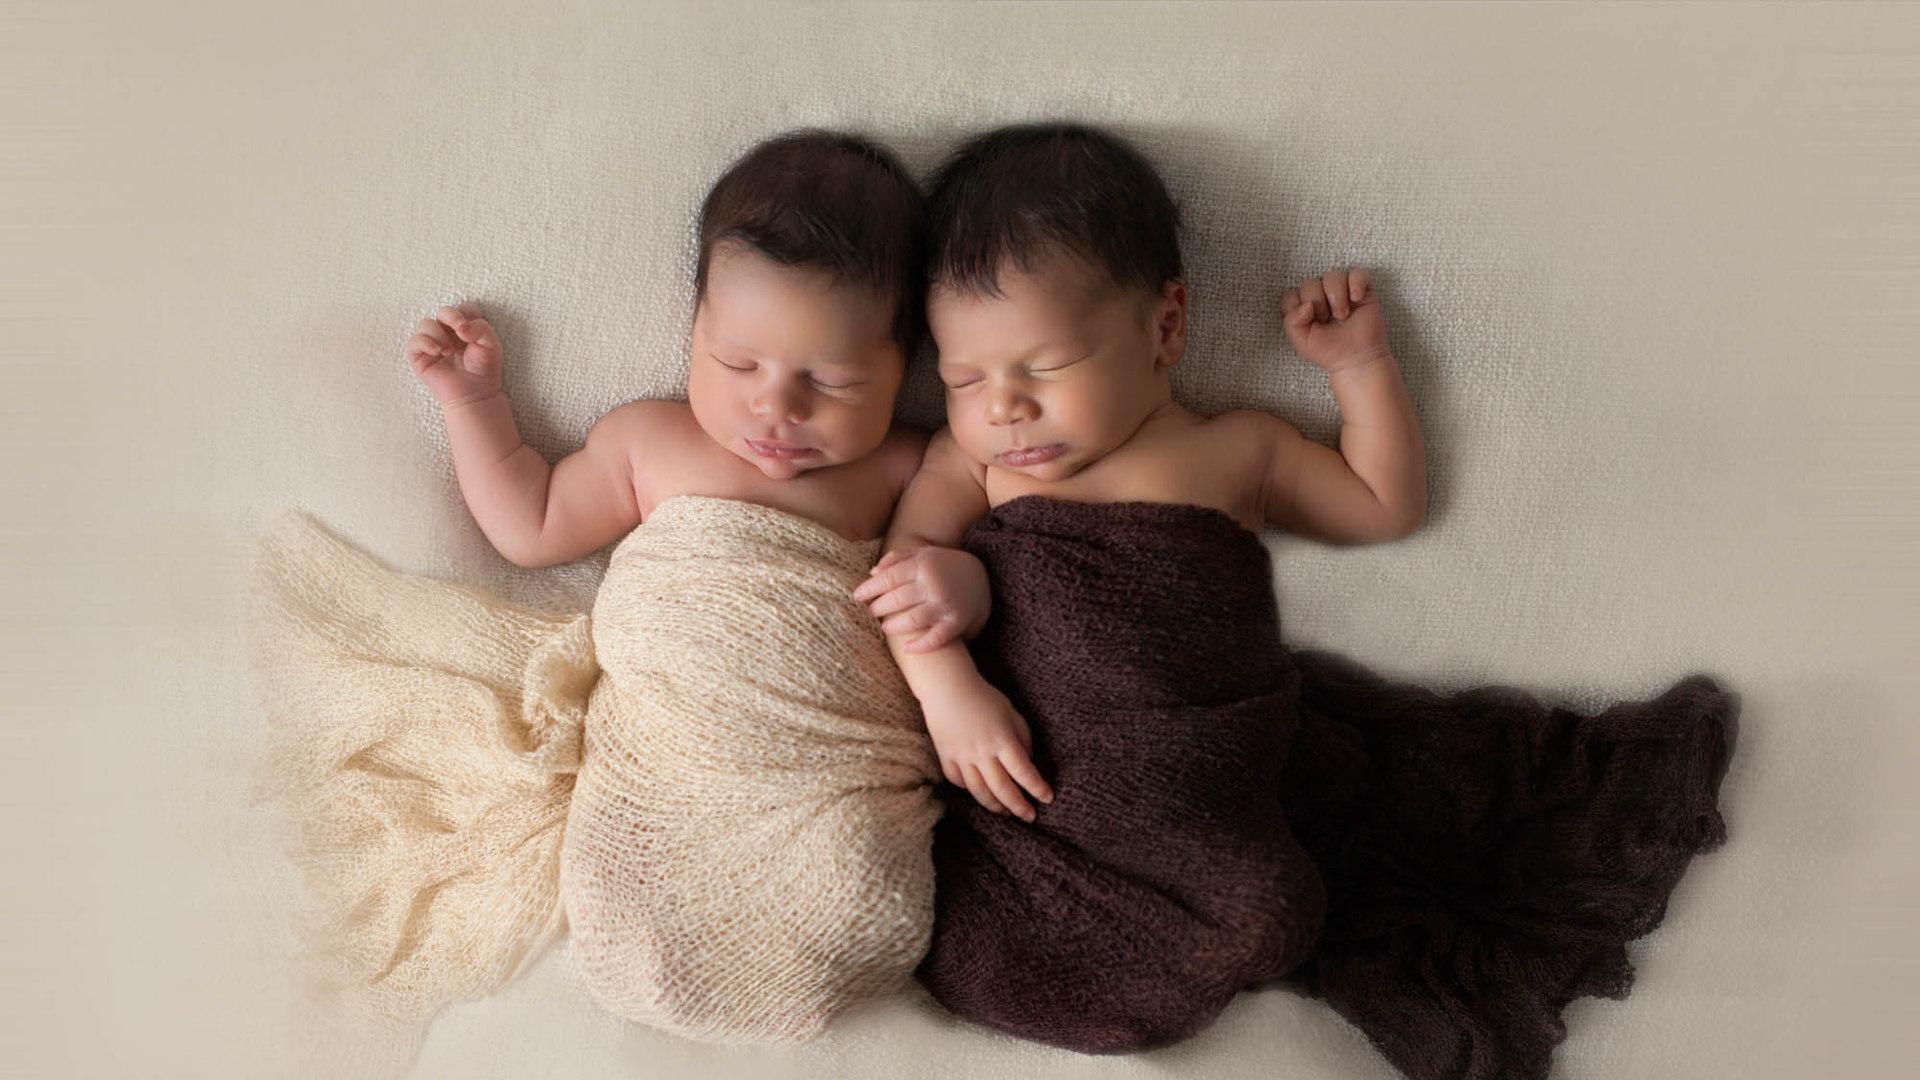 Unentschlossene Zwillinge